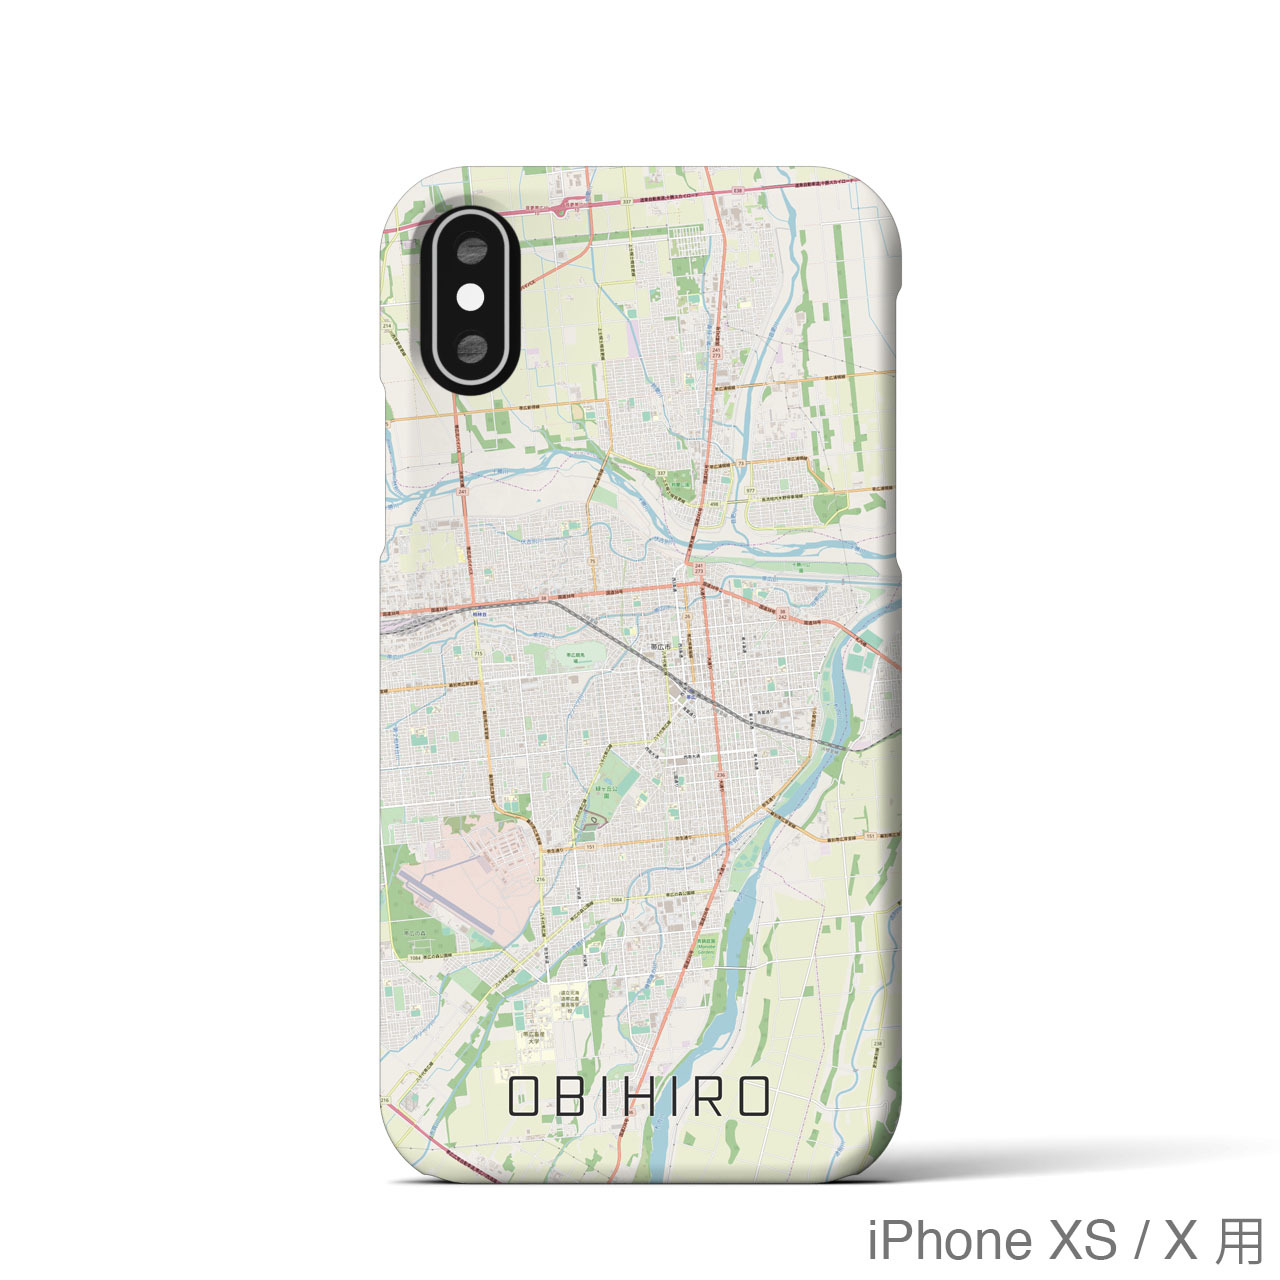 【帯広】地図柄iPhoneケース(バックカバータイプ・ナチュラル)